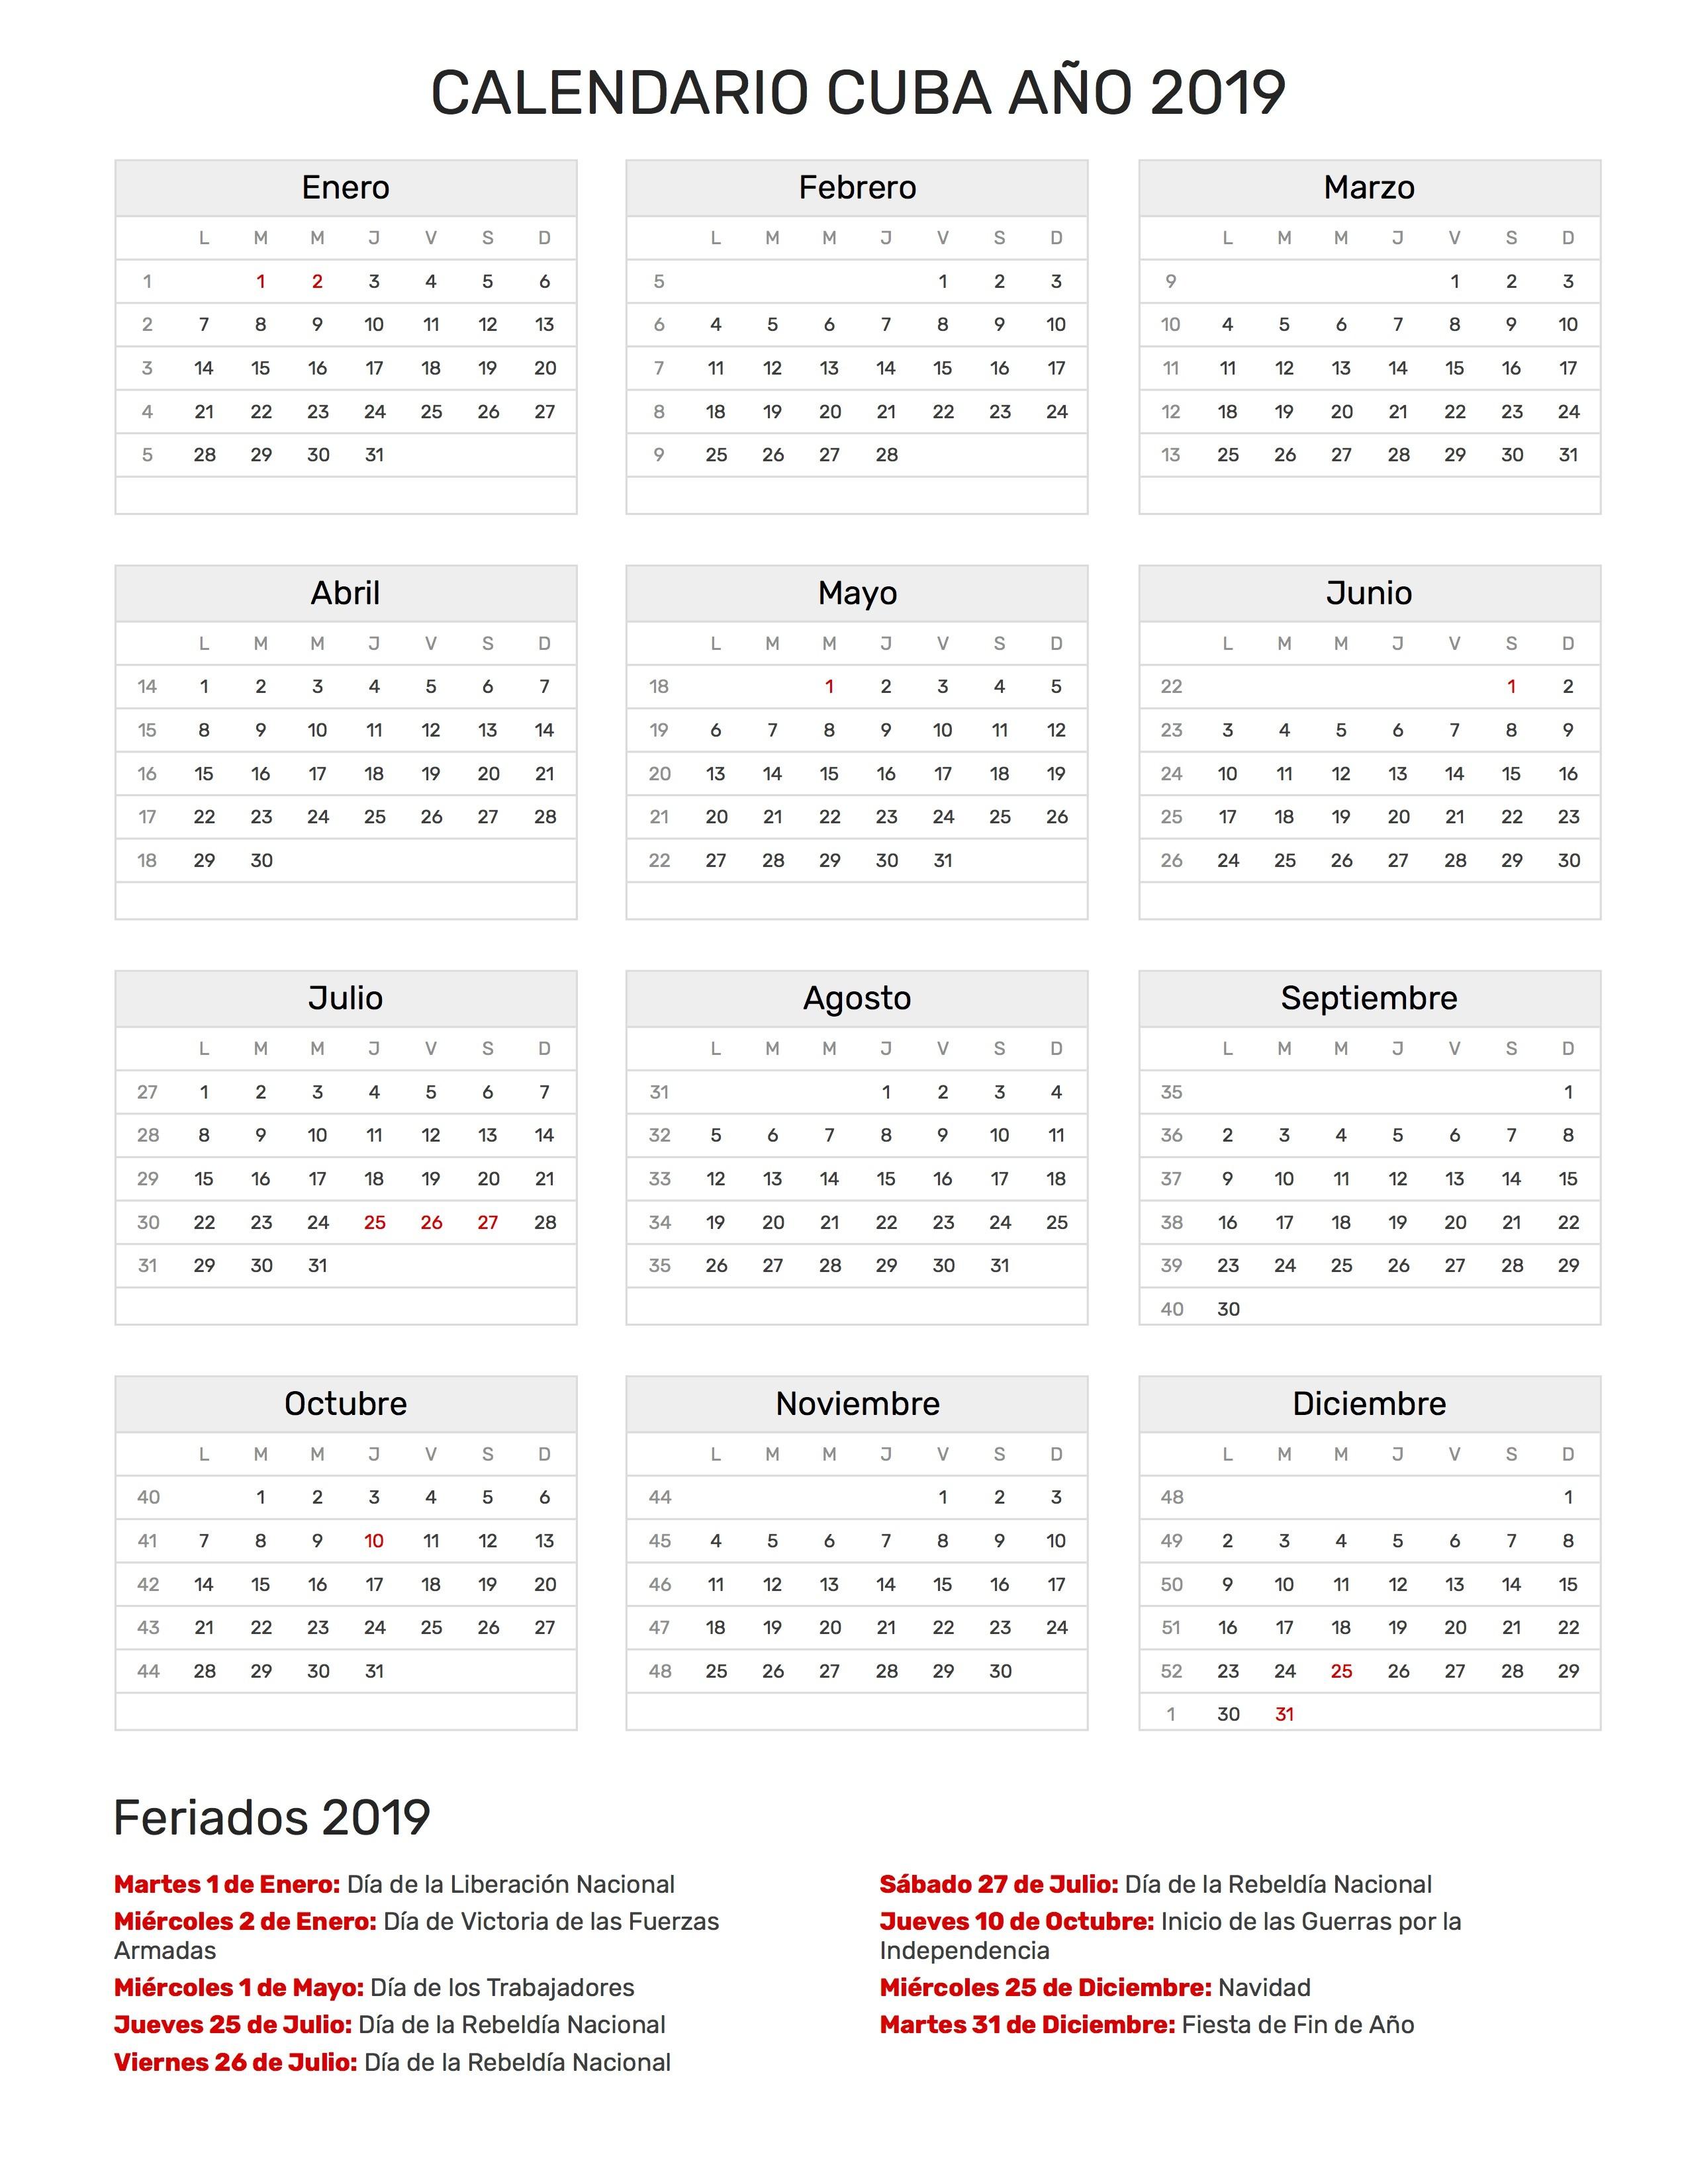 Calendario Cuba A±o 2019